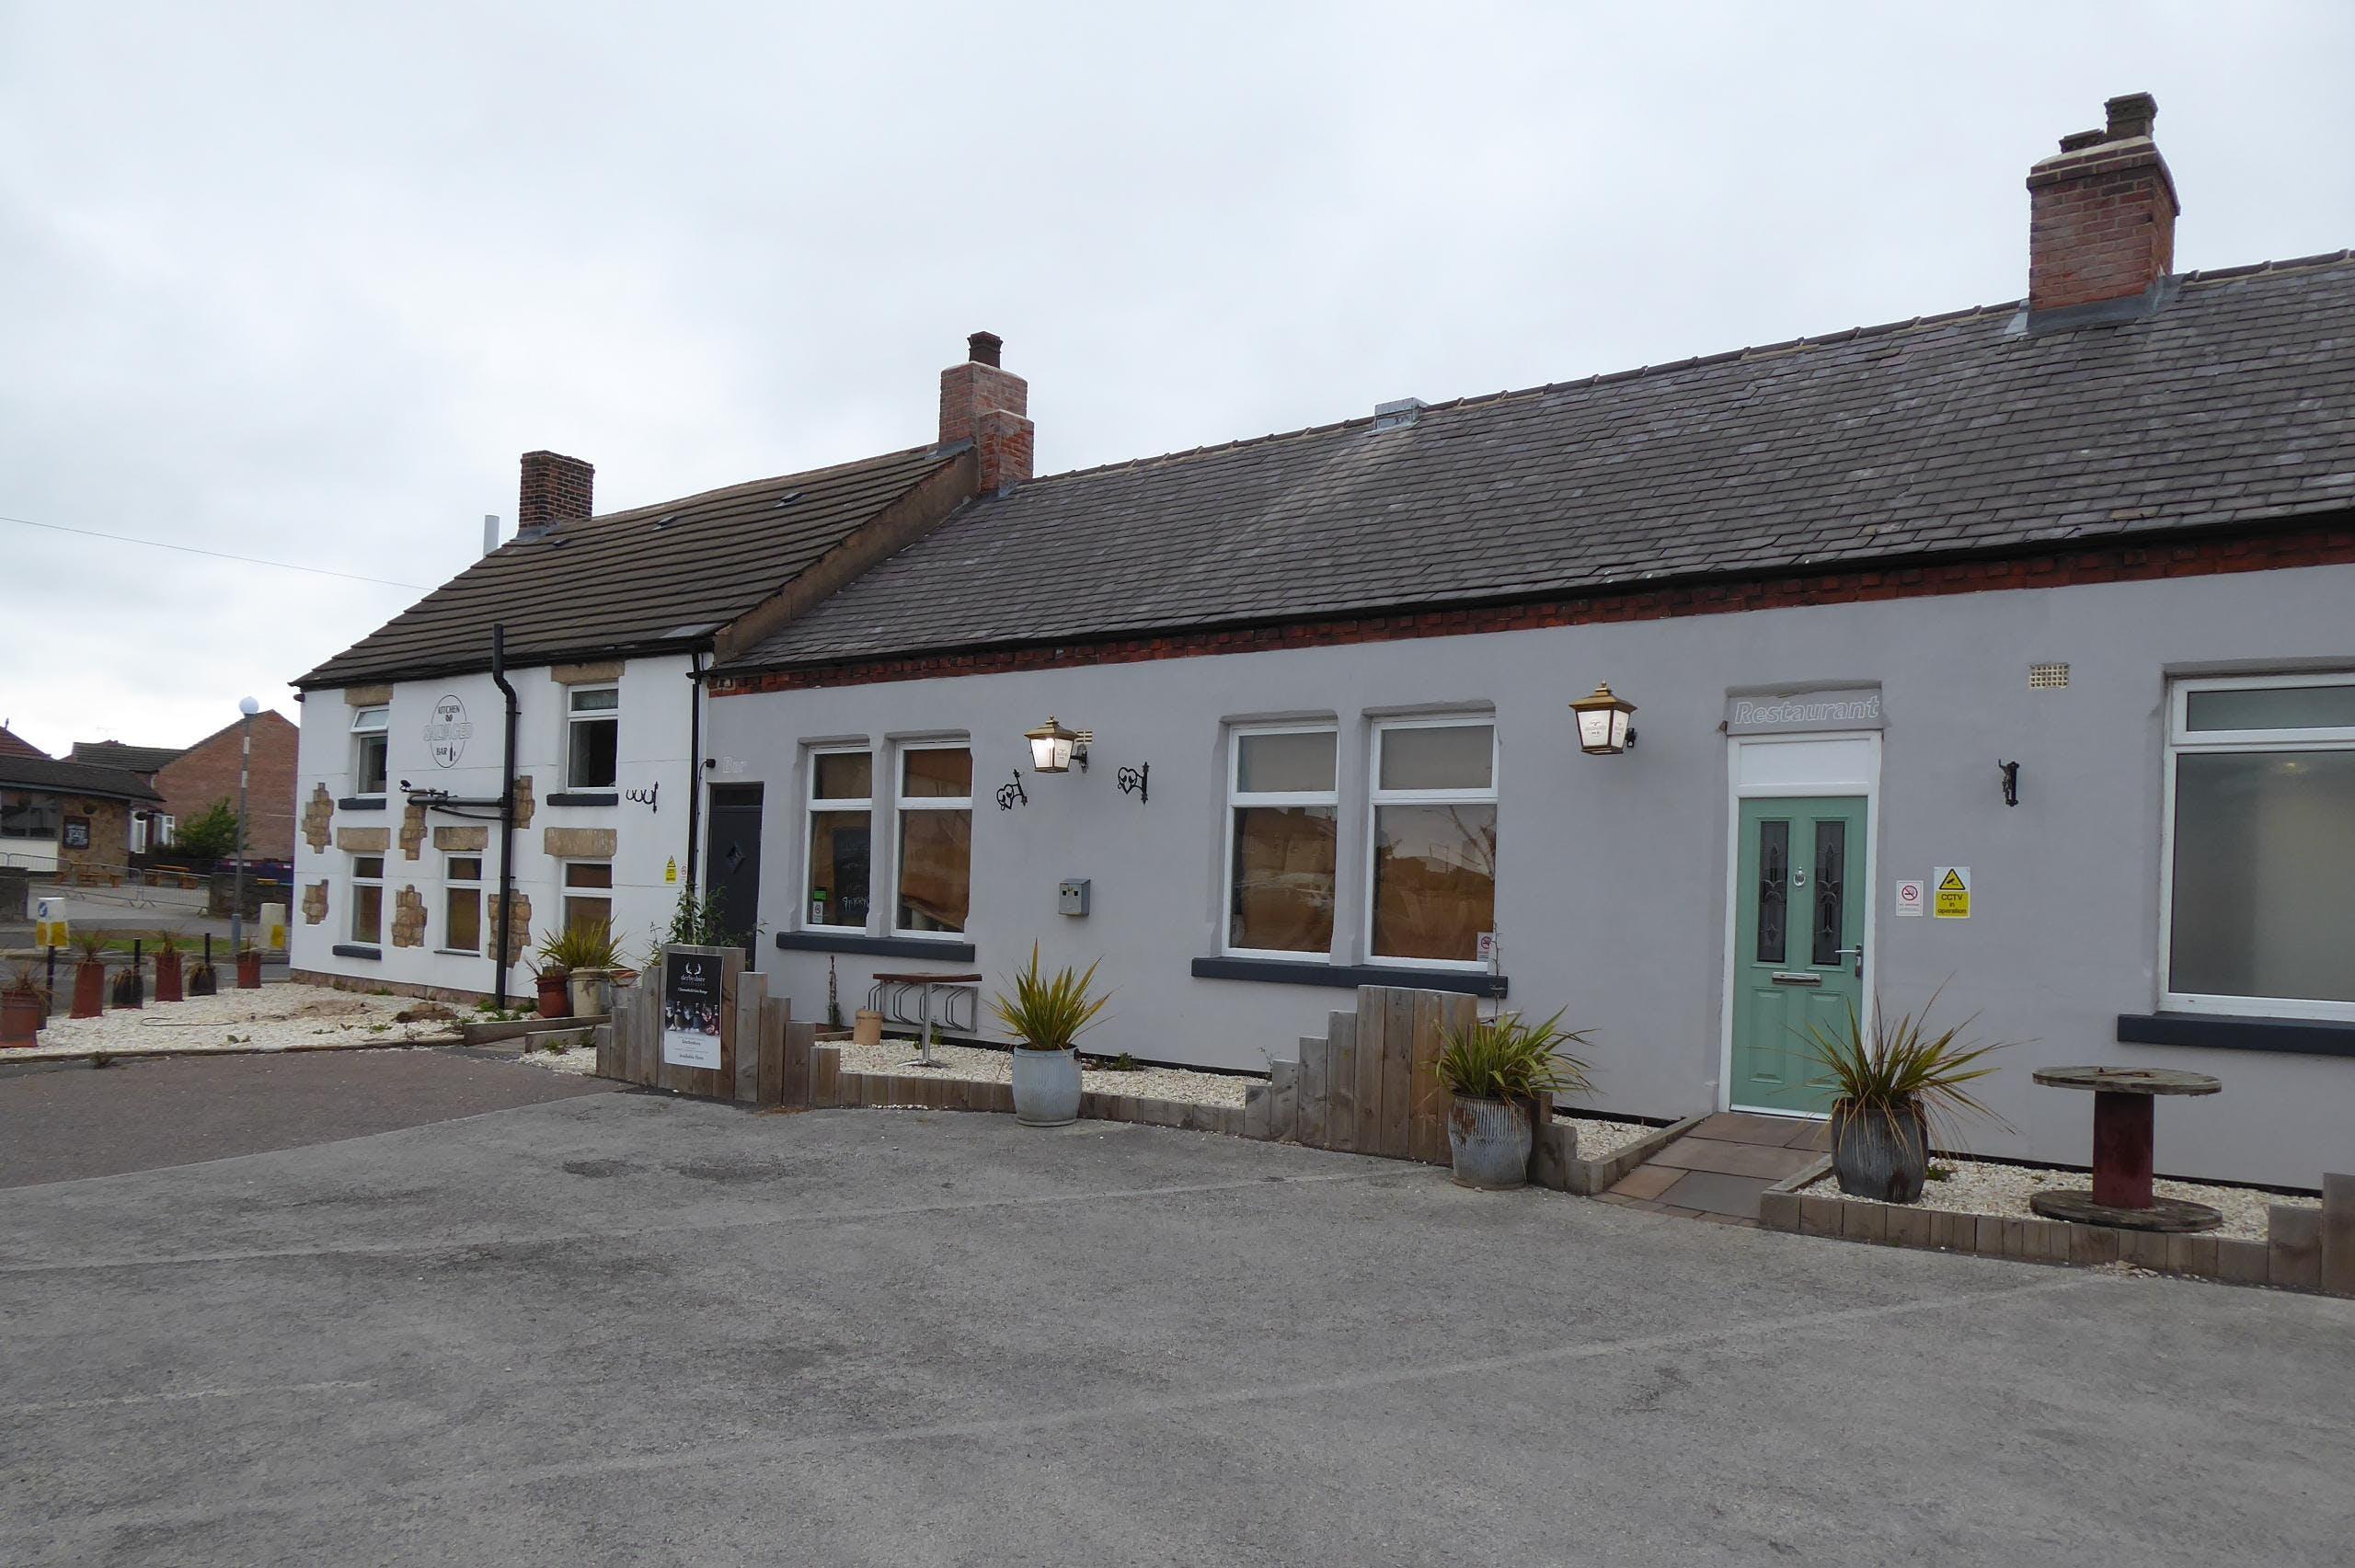 Salvaged Kitchen & Bar/former Crown Inn, Clowne, Restaurant For Sale - P1030686.JPG